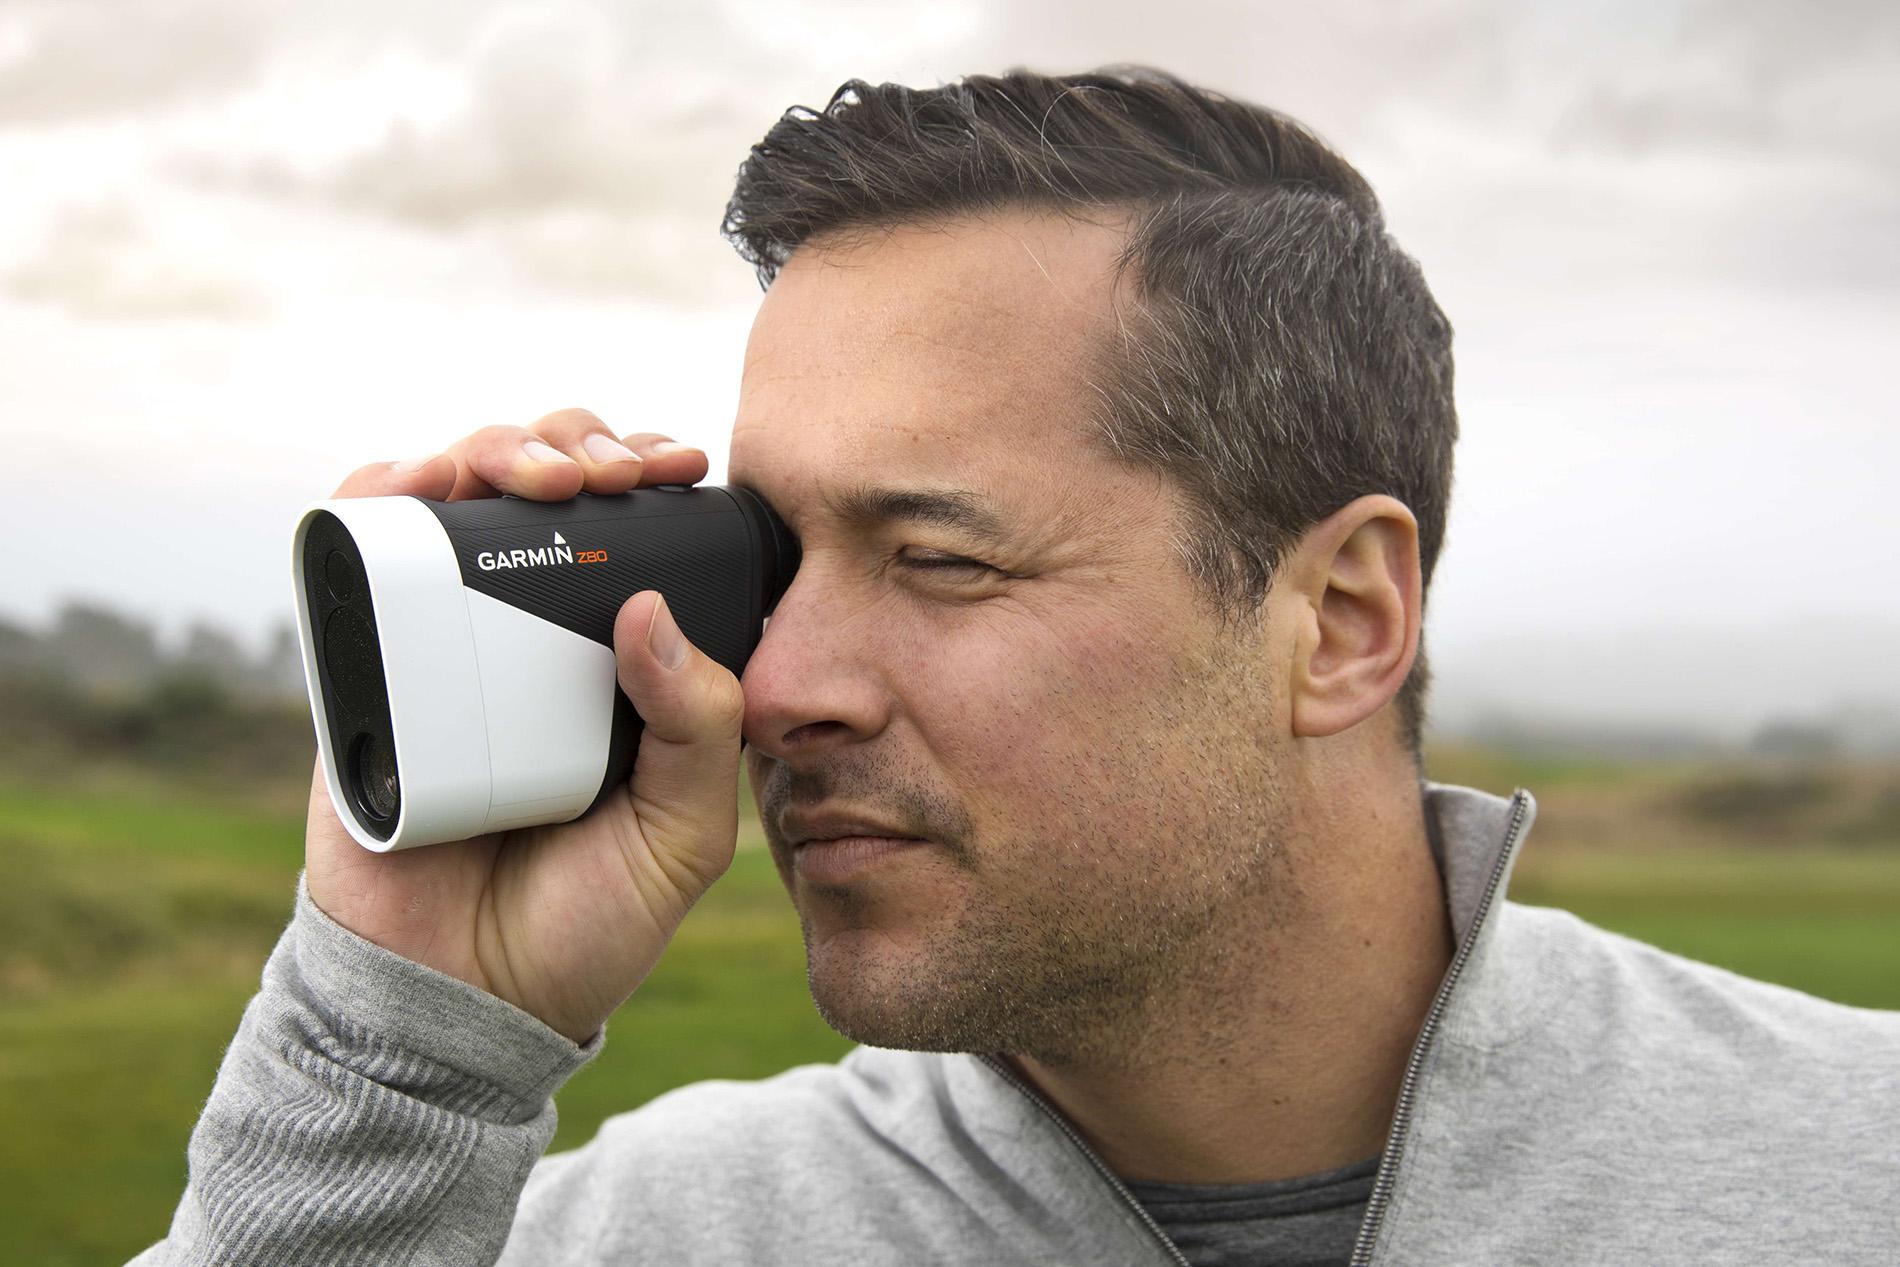 Laser Entfernungsmesser Leihen : Kokonsum alles leihen verleihen so wird aus deins meins eins